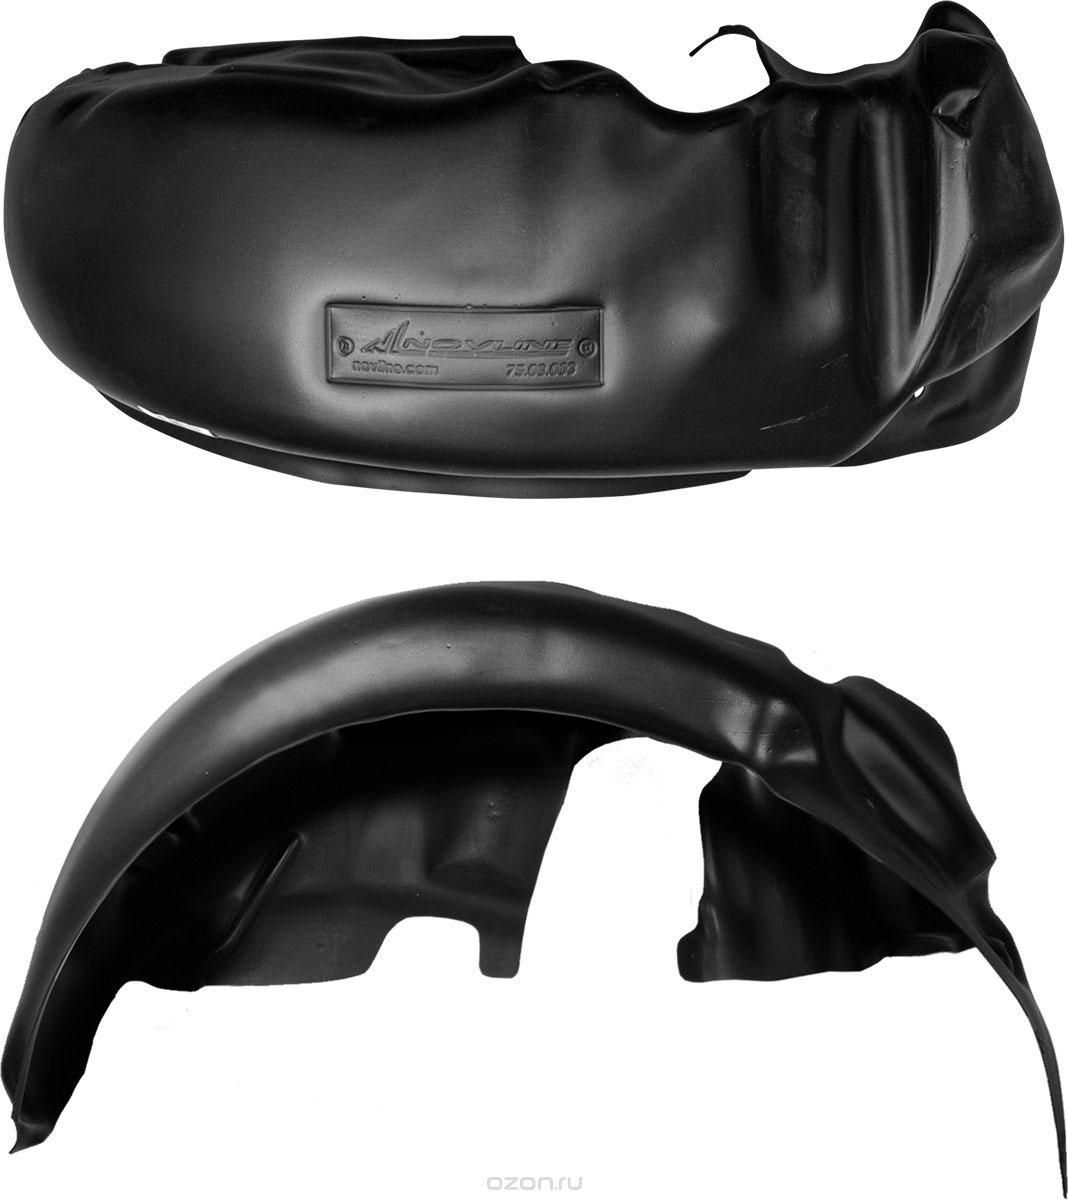 Подкрылок Novline-Autofamily, для TOYOTA Auris 03/2007-2013, передний правыйNLS.20.47.004Идеальная защита колесной ниши. Локеры разработаны с применением цифровых технологий, гарантируют максимальную повторяемость поверхности арки. Изделия устанавливаются без нарушения лакокрасочного покрытия автомобиля, каждый подкрылок комплектуется крепежом. Уважаемые клиенты, обращаем ваше внимание, что фотографии на подкрылки универсальные и не отражают реальную форму изделия. При этом само изделие идет точно под размер указанного автомобиля.